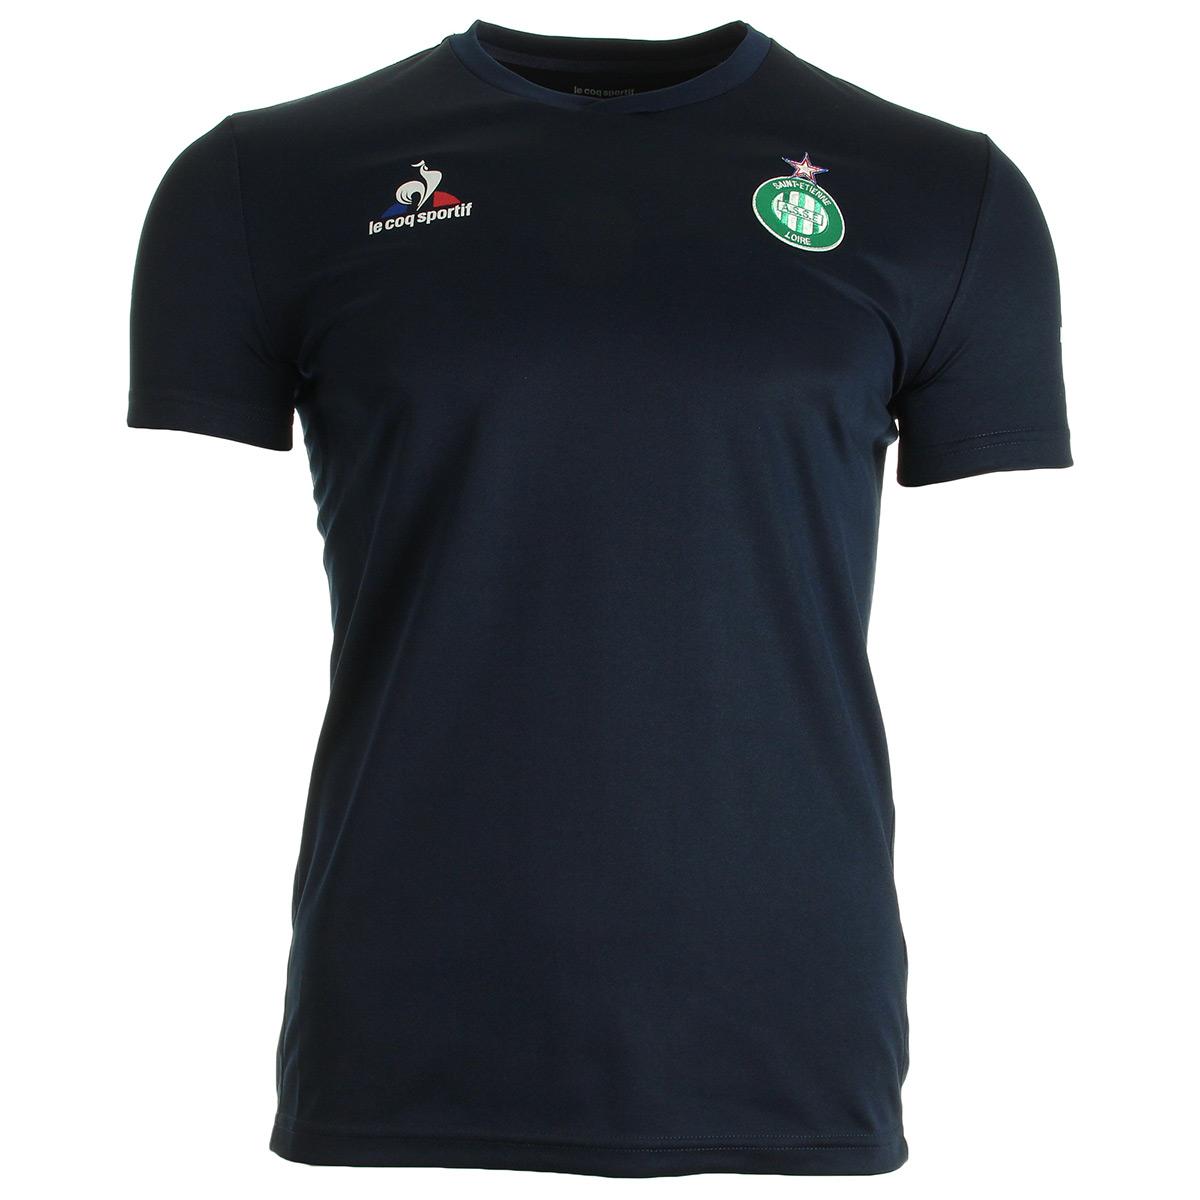 Vêtement T-Shirts Le Coq Sportif homme ASSE Training T Shirt taille ... 9f0950f681b